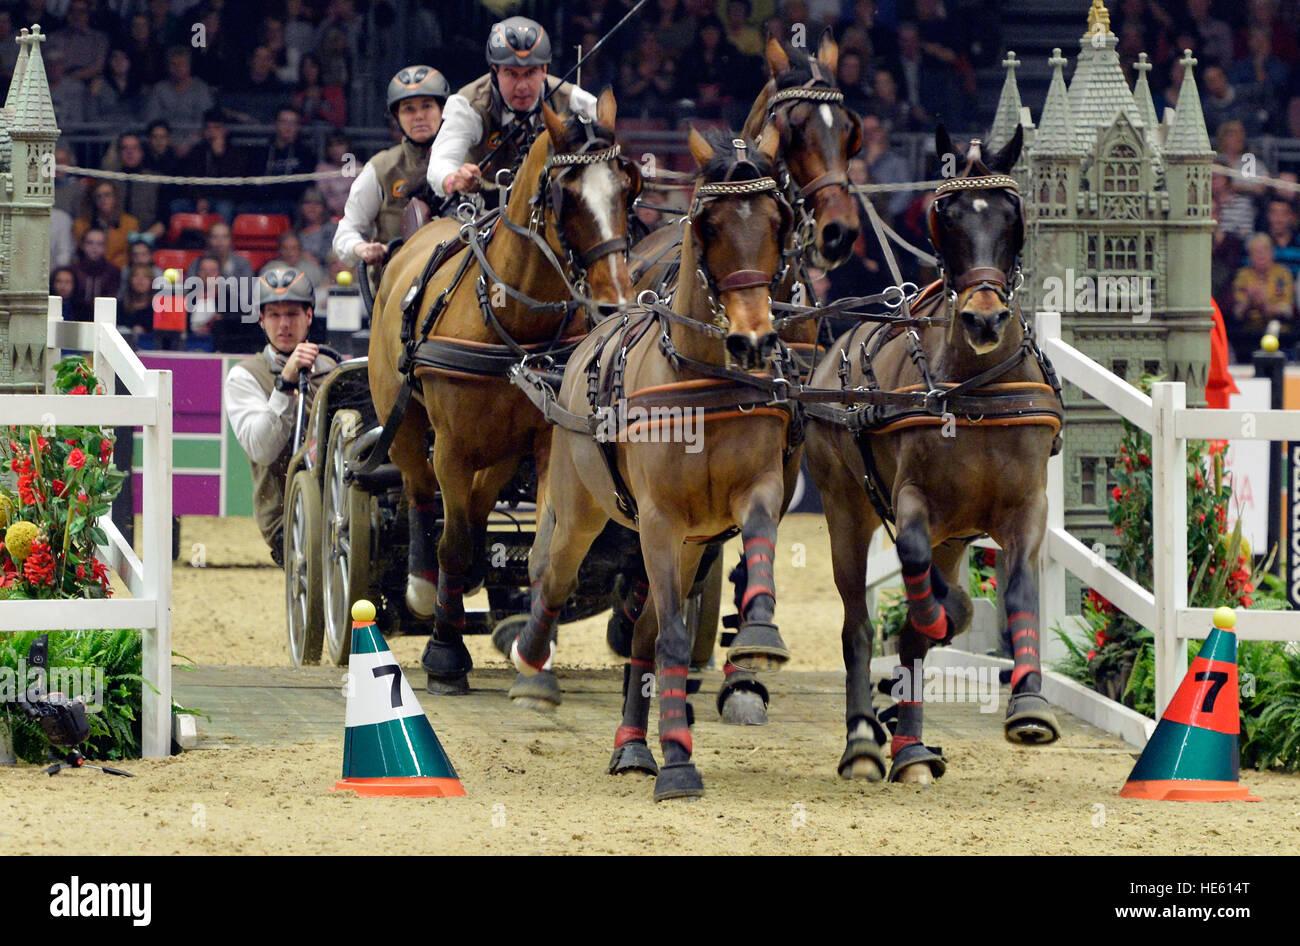 Londra, Regno Unito. Xvii Dec, 2016. Olympia London International Horse Show presso il Grand Hall Olympia London Immagini Stock